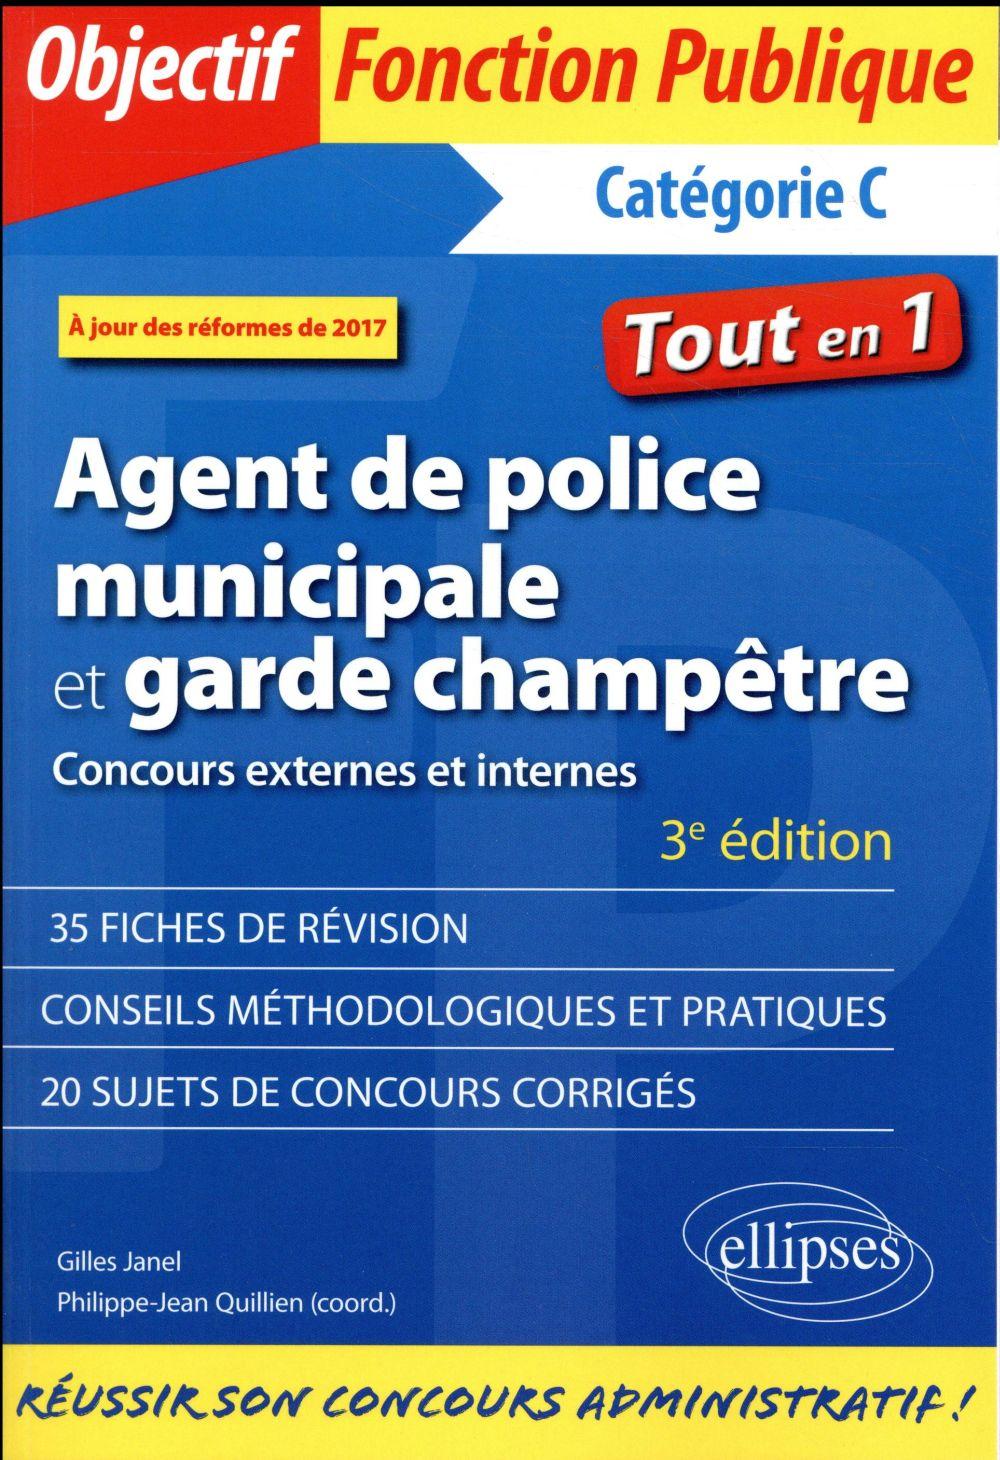 AGENT DE POLICE MUNICIPALE ET GARDE CHAMPETRE CONCOURS EXTERNES ET INTERNES 3EME EDITION